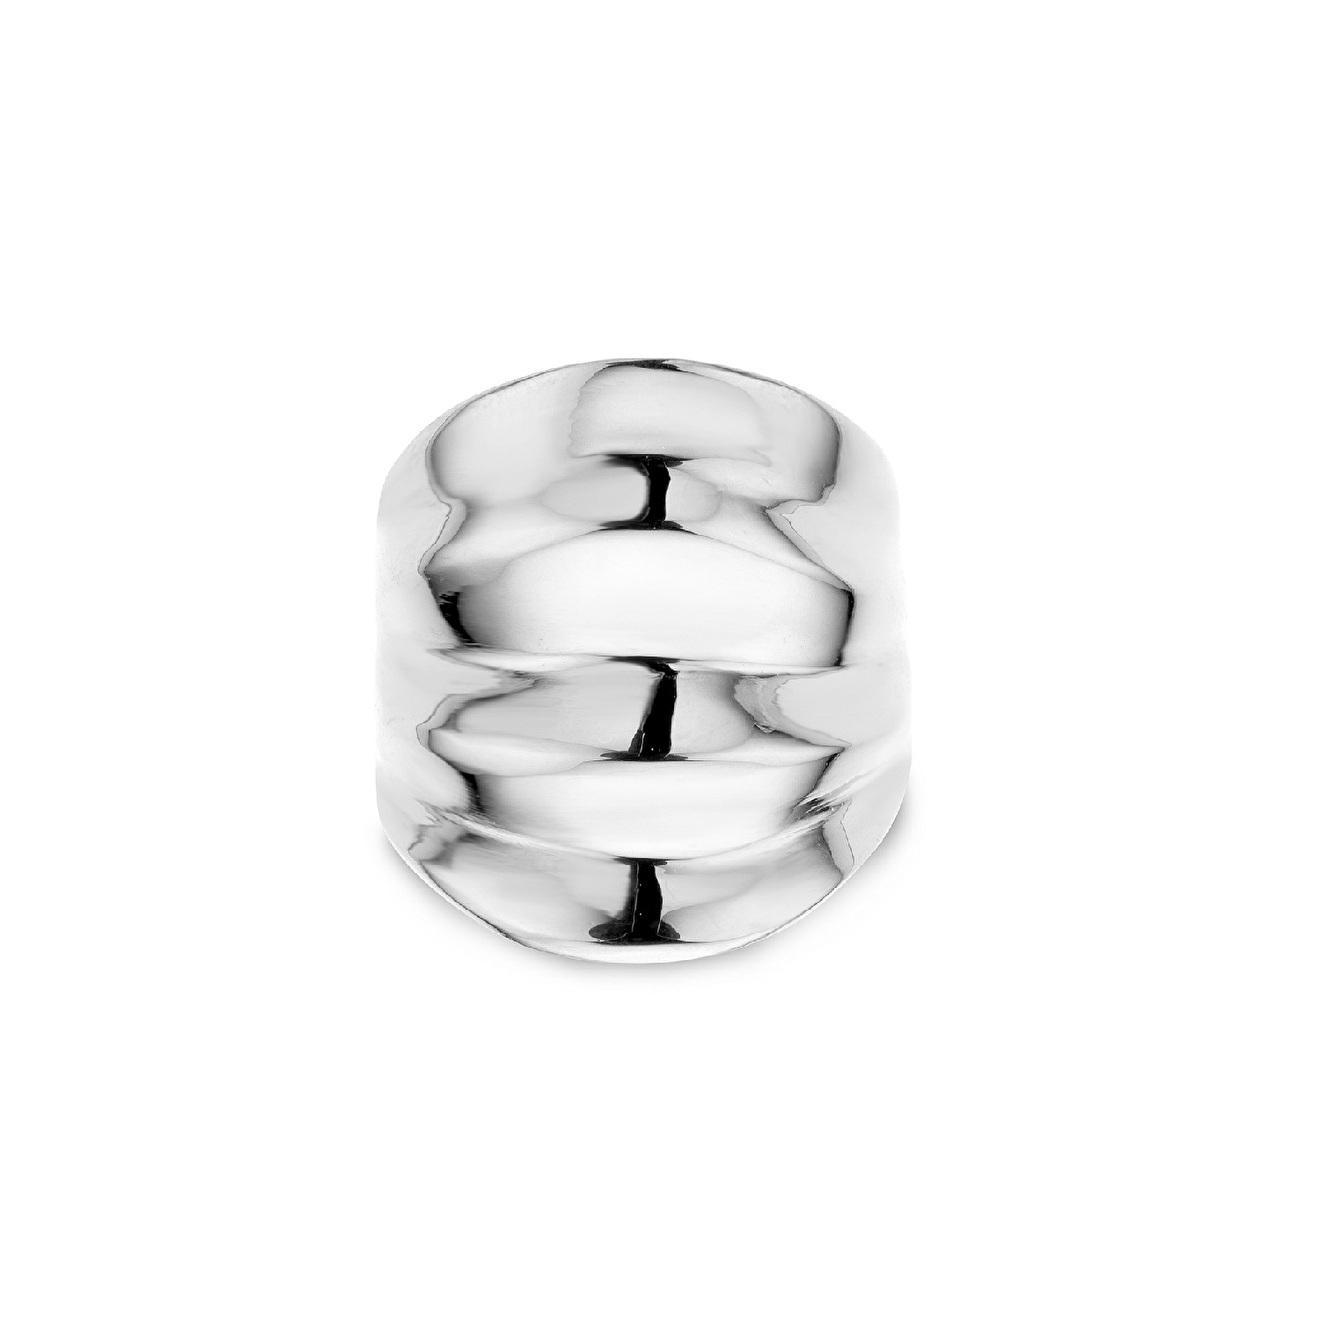 Mya Bay Покрытое серебром кольцо Naomi